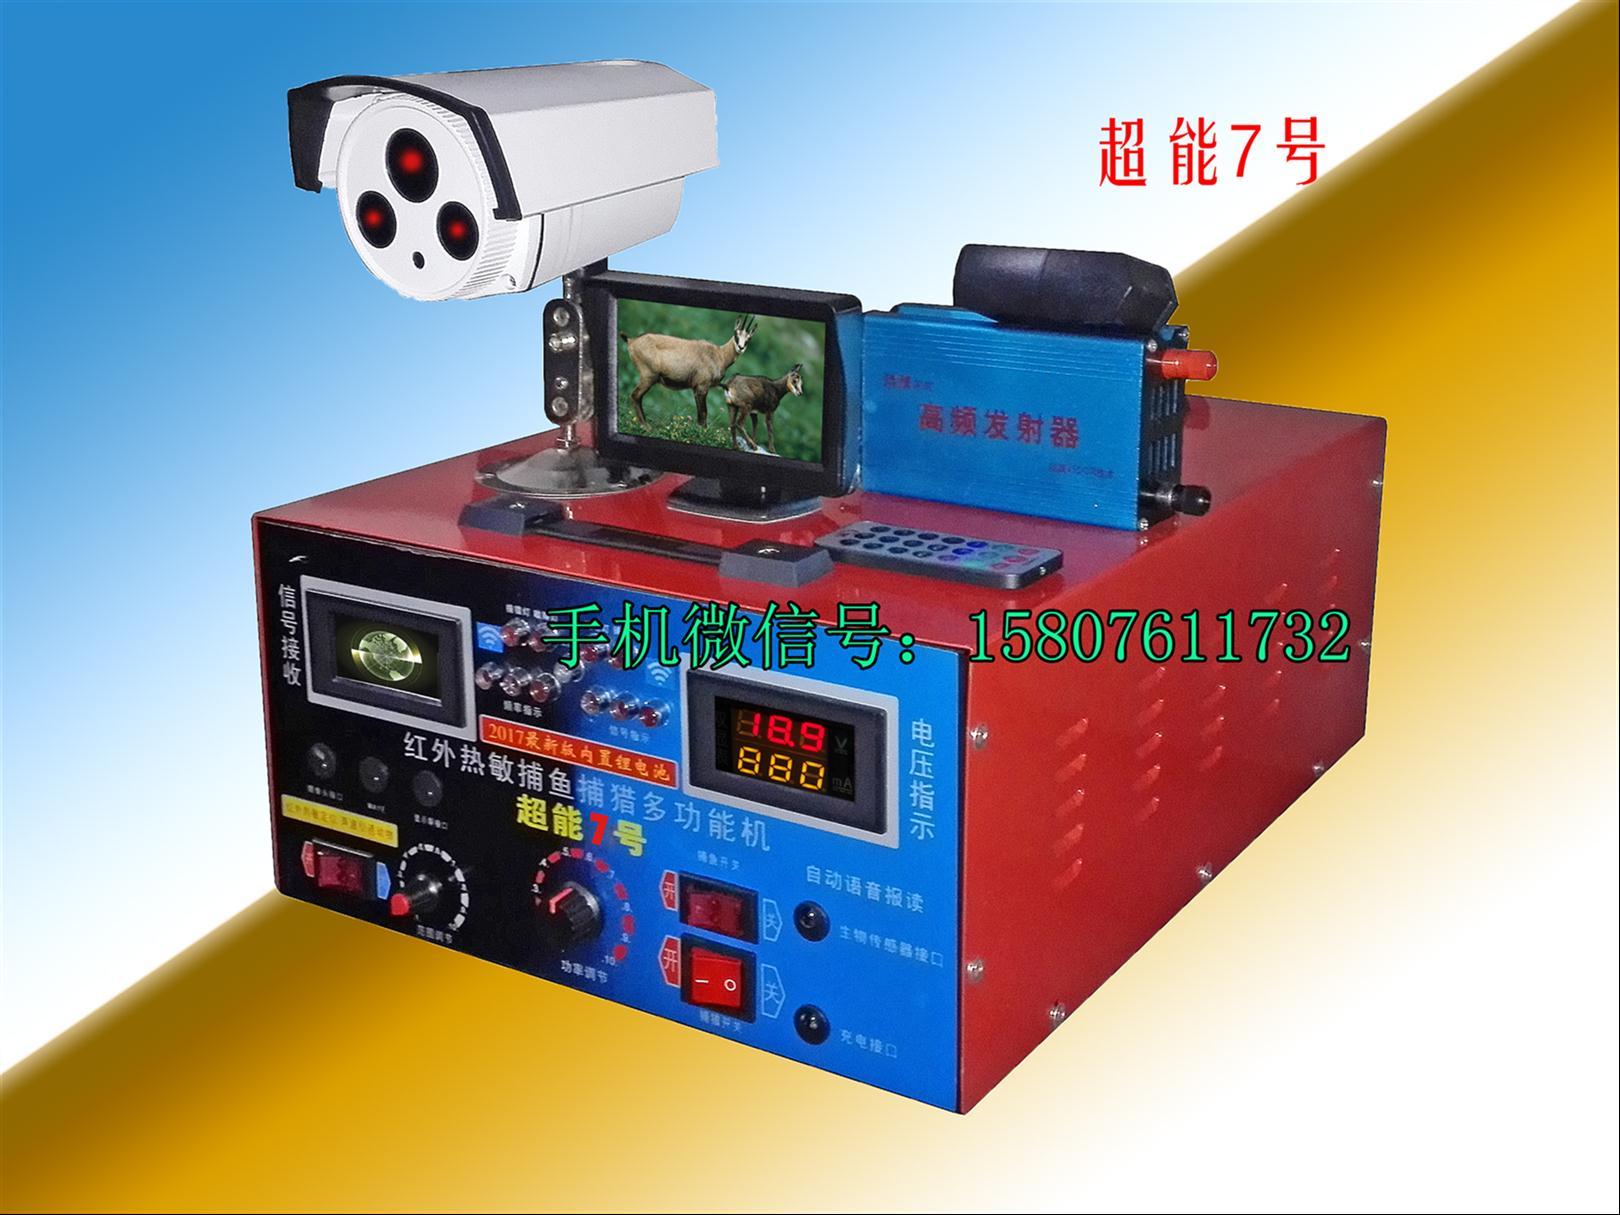 广州新款电子捕猎机器哪家质量好 价格实惠 超能